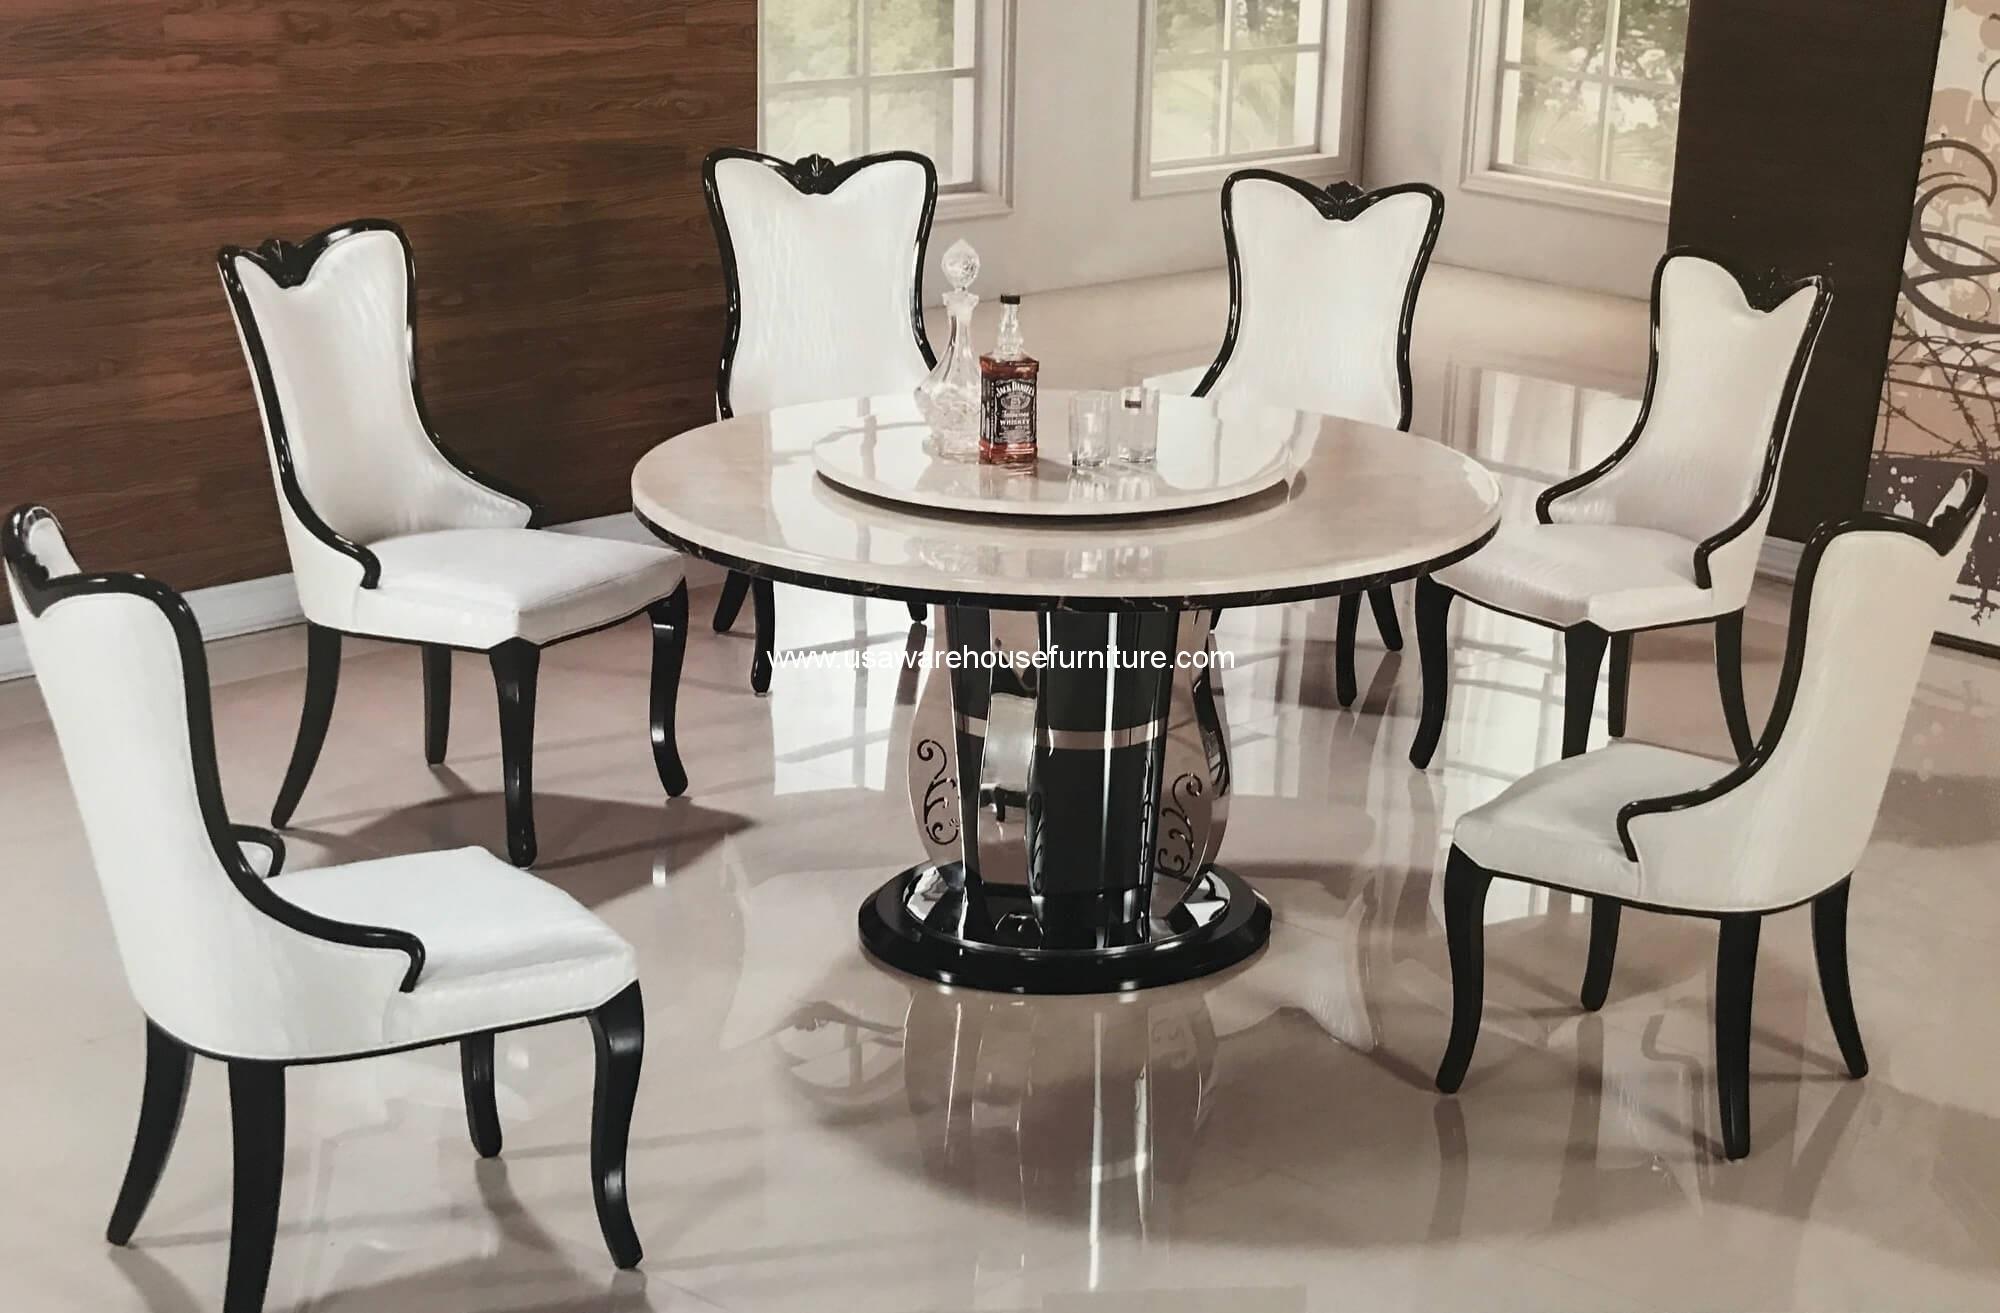 7 Pc Lemma Marble Round Dining Set  Usa Warehouse Furniture. Dixie Plywood. Stained Glass Light Fixture. Atlanta Architects. White Slip Covered Sofa. Devonshire Homes Tampa. Porthole Window. Japanese Pendant Light. Saddle Stools